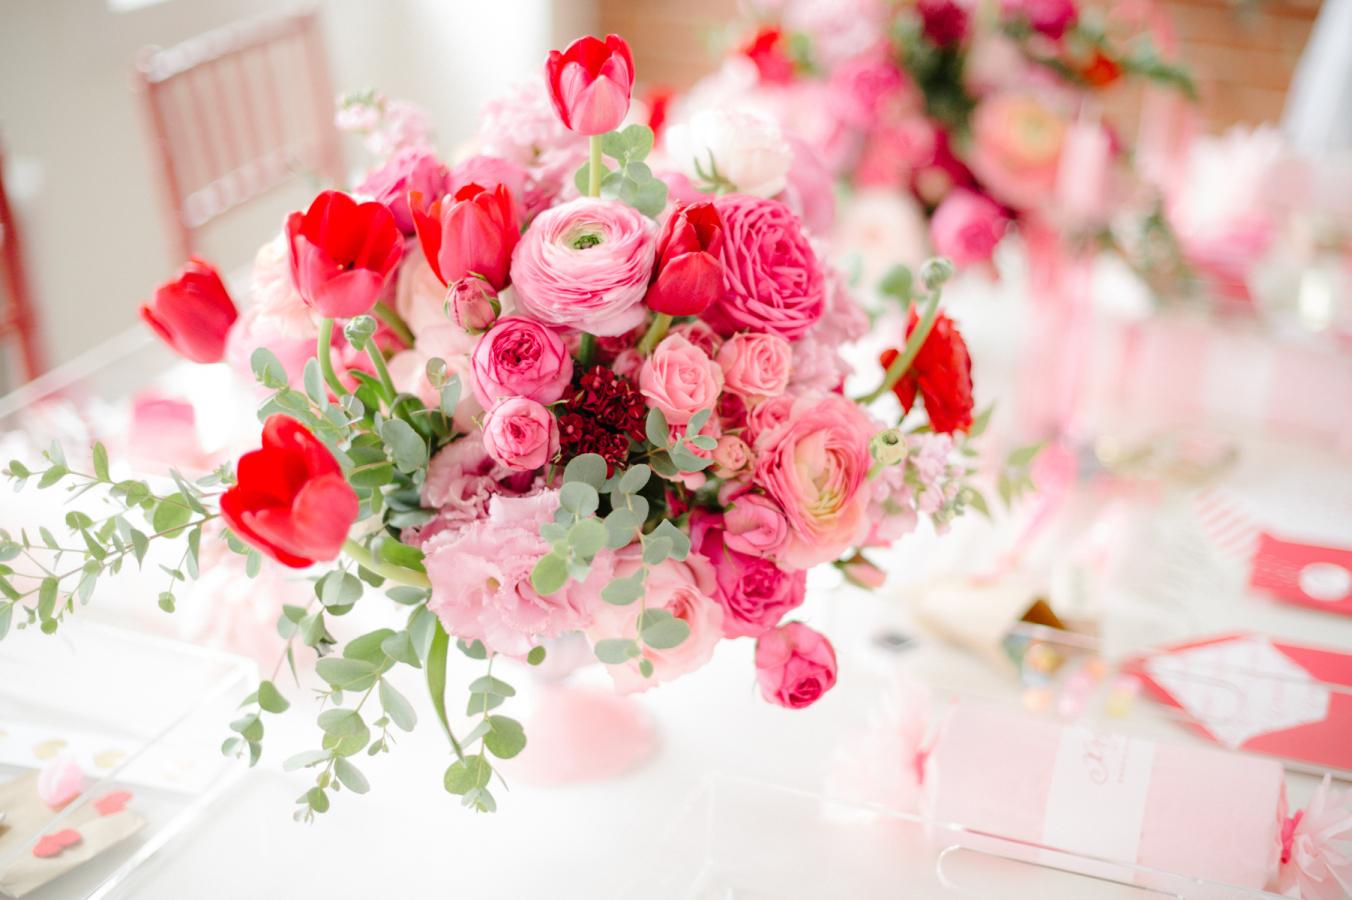 Romantisch diner met valentijn 10x decoratie voor de tafel - Decoratie tafel basse ...